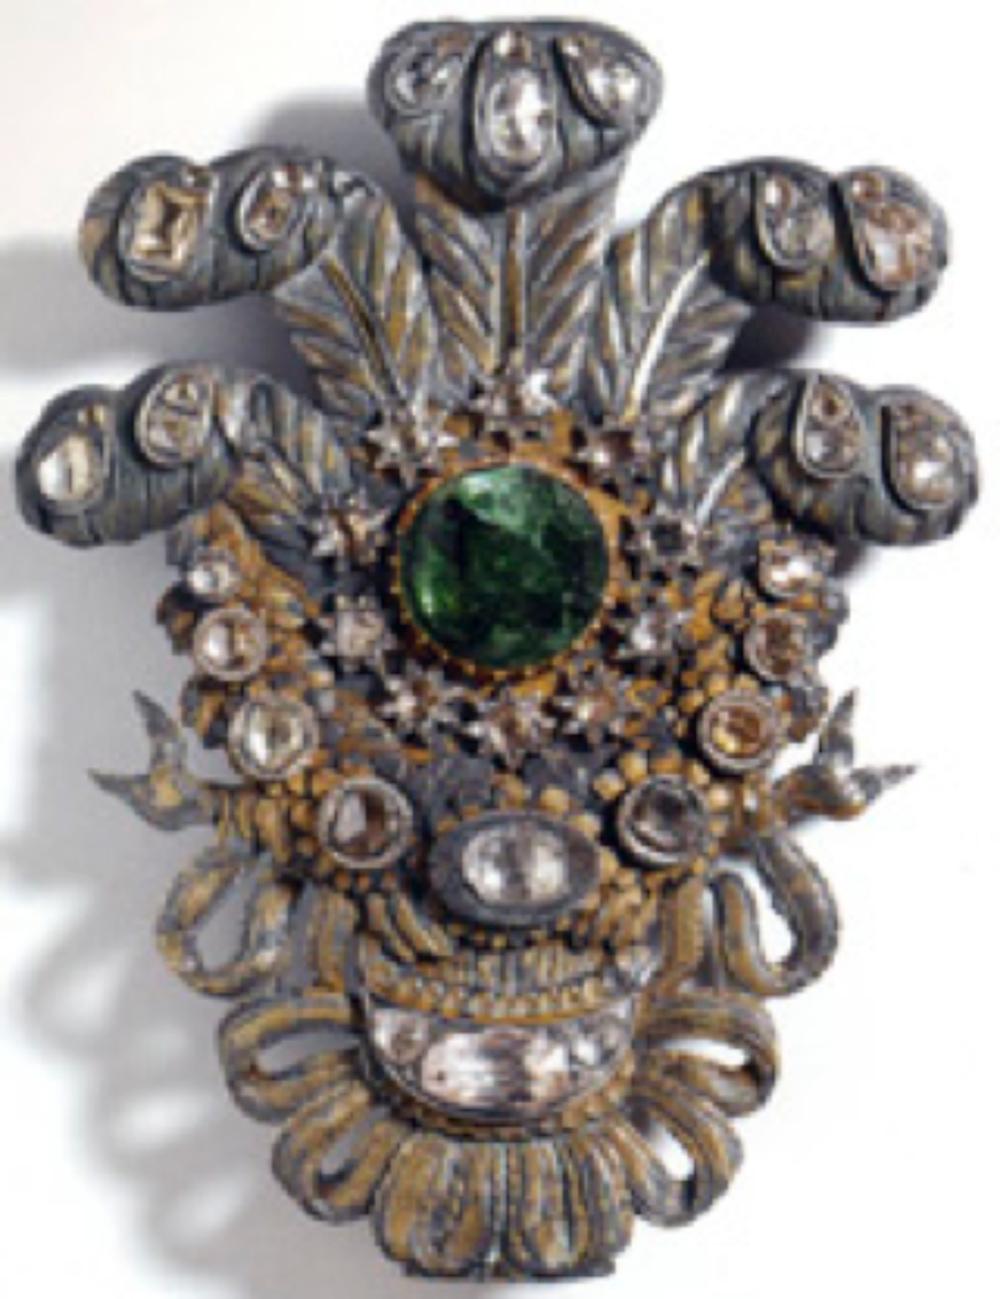 At Sorgucu Yuvaları, Osmanlı, geç 18.-erken 19.yüzyıl, altın yaldızlı gümüş, elmas, zümrüt; 17x11 cm (T.S.M. 2/3932, 34)